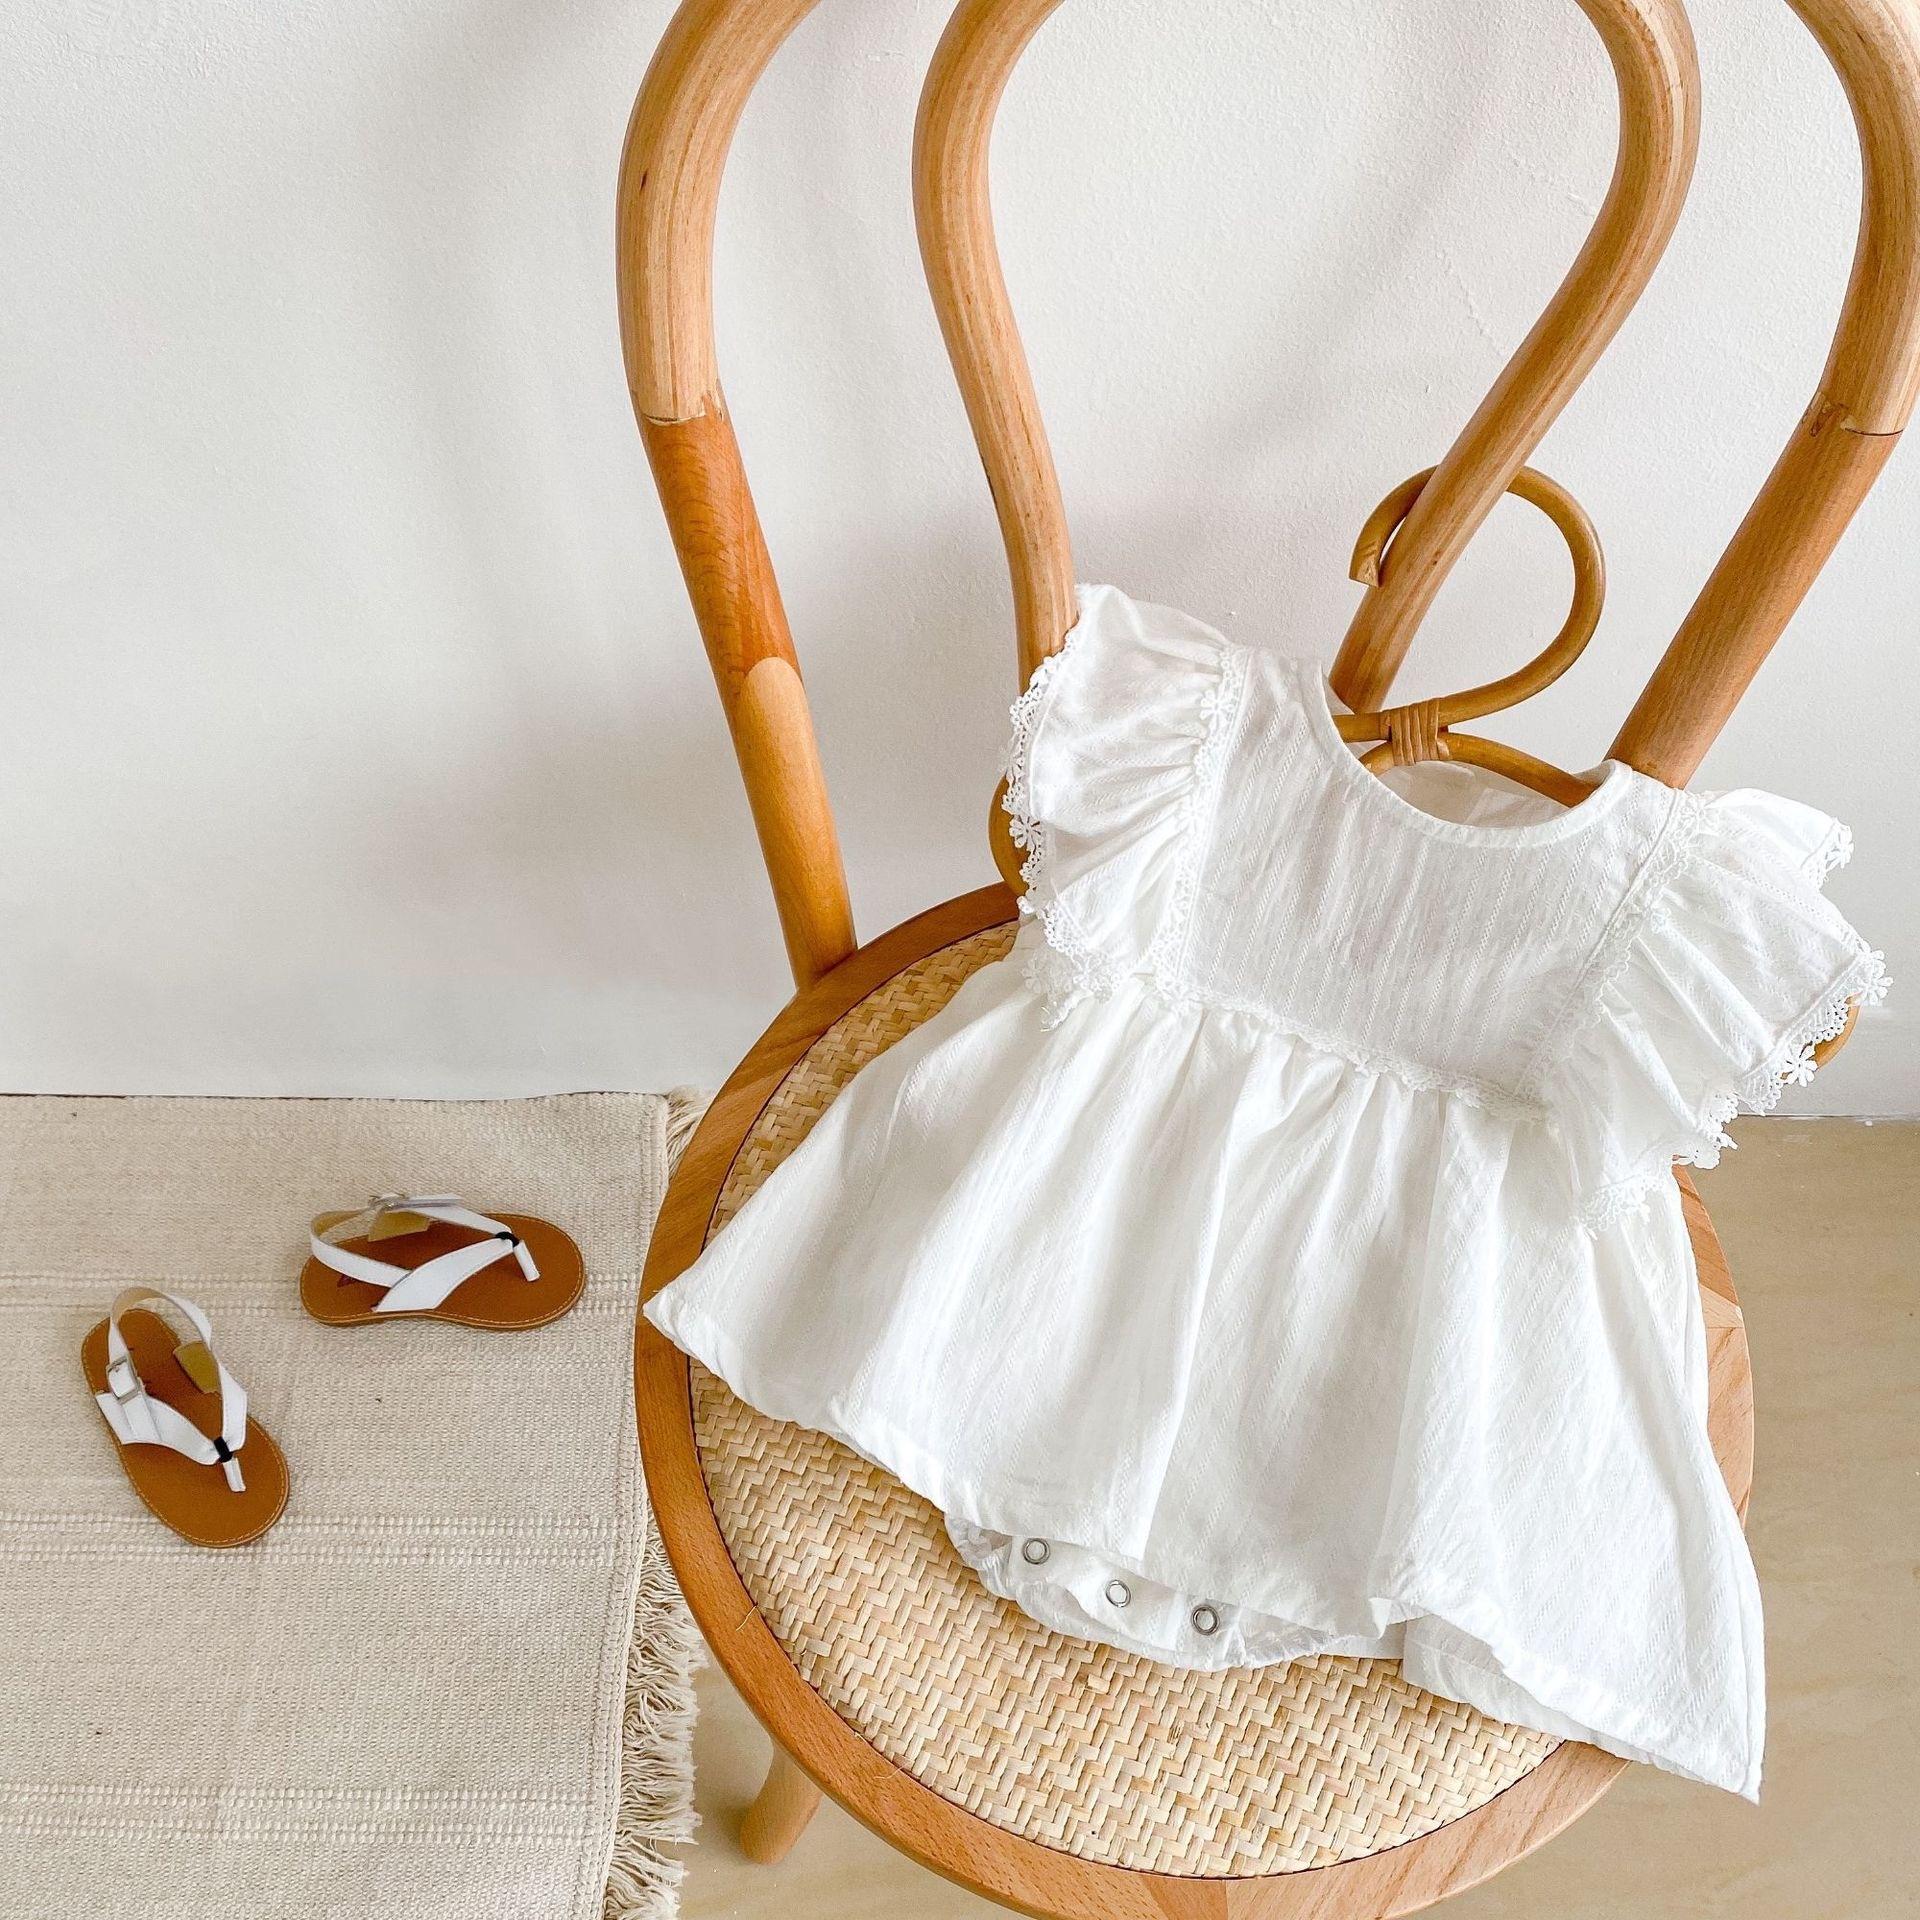 【夏物SALE】20%off【即納】ホワイトレースフリルロンパース ノースリーブ 韓国子供服